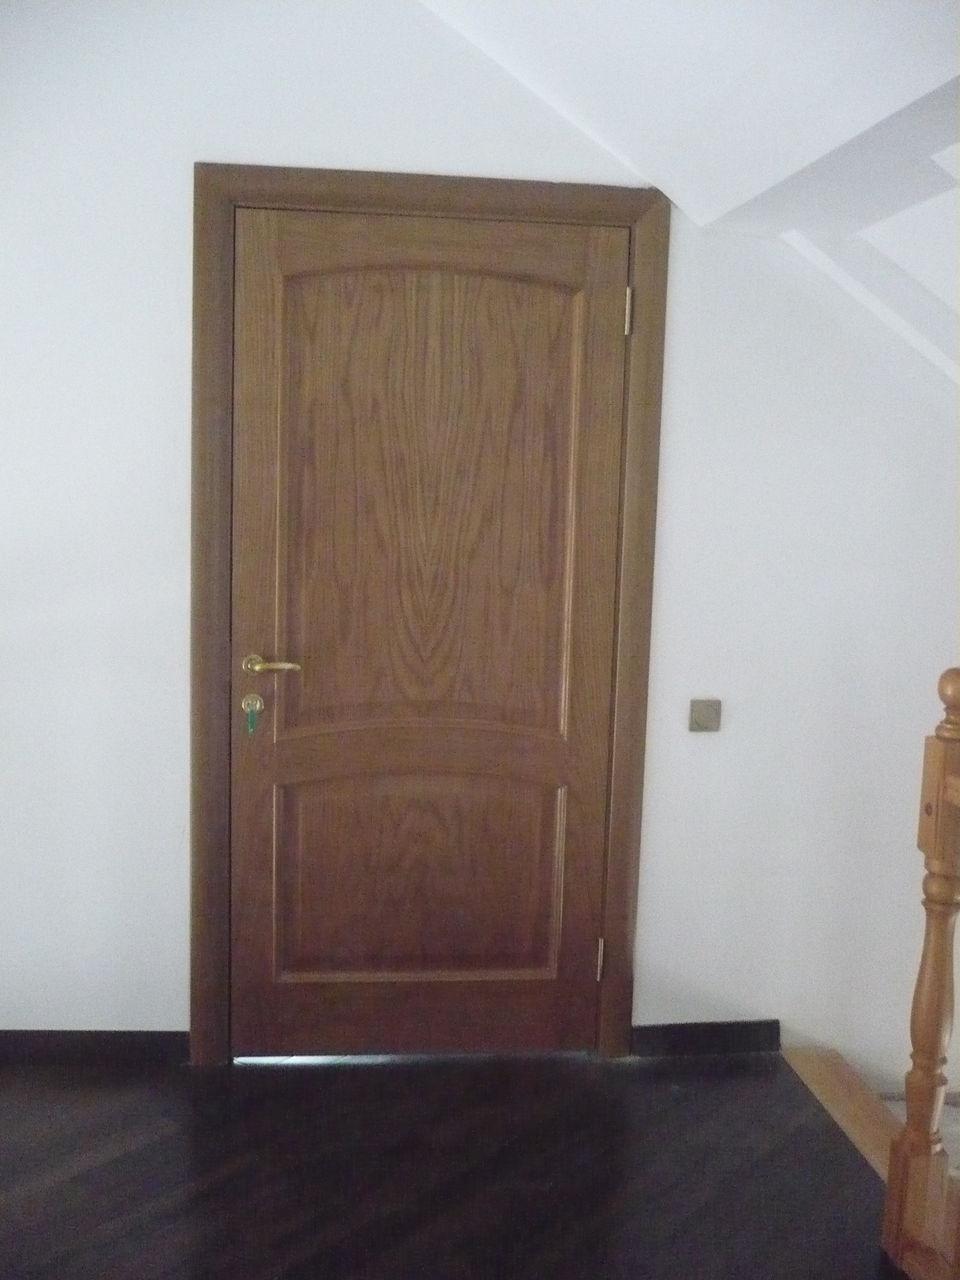 Изготовление межкомнатных дверей на заказ в алматы недорого - Бесплатный архив цифровых иллюстраций